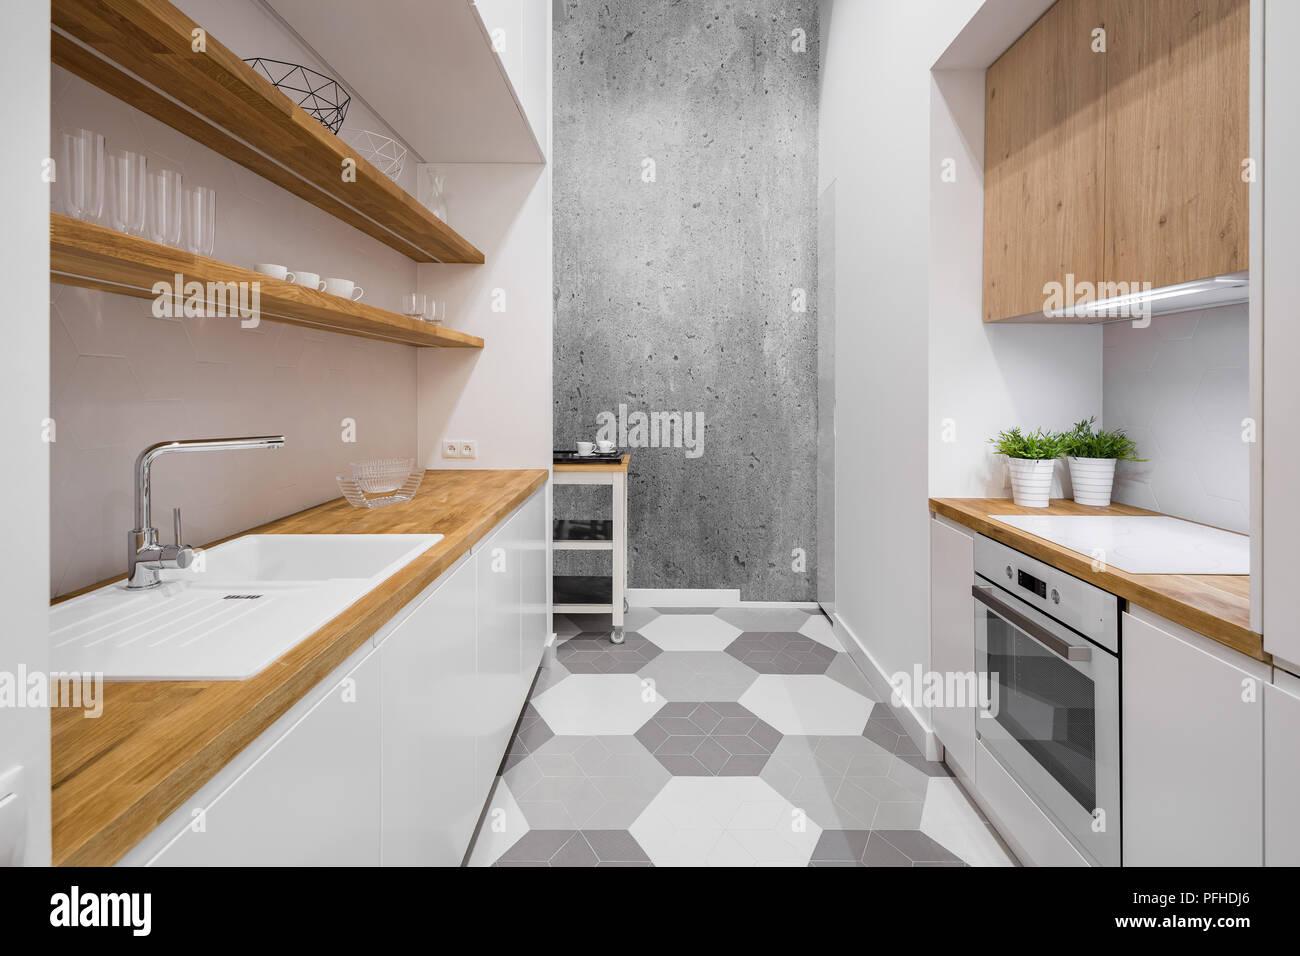 Bancone Legno Cucina.Piccolo E Funzionale Cucina Con Bancone In Legno Esagonale E